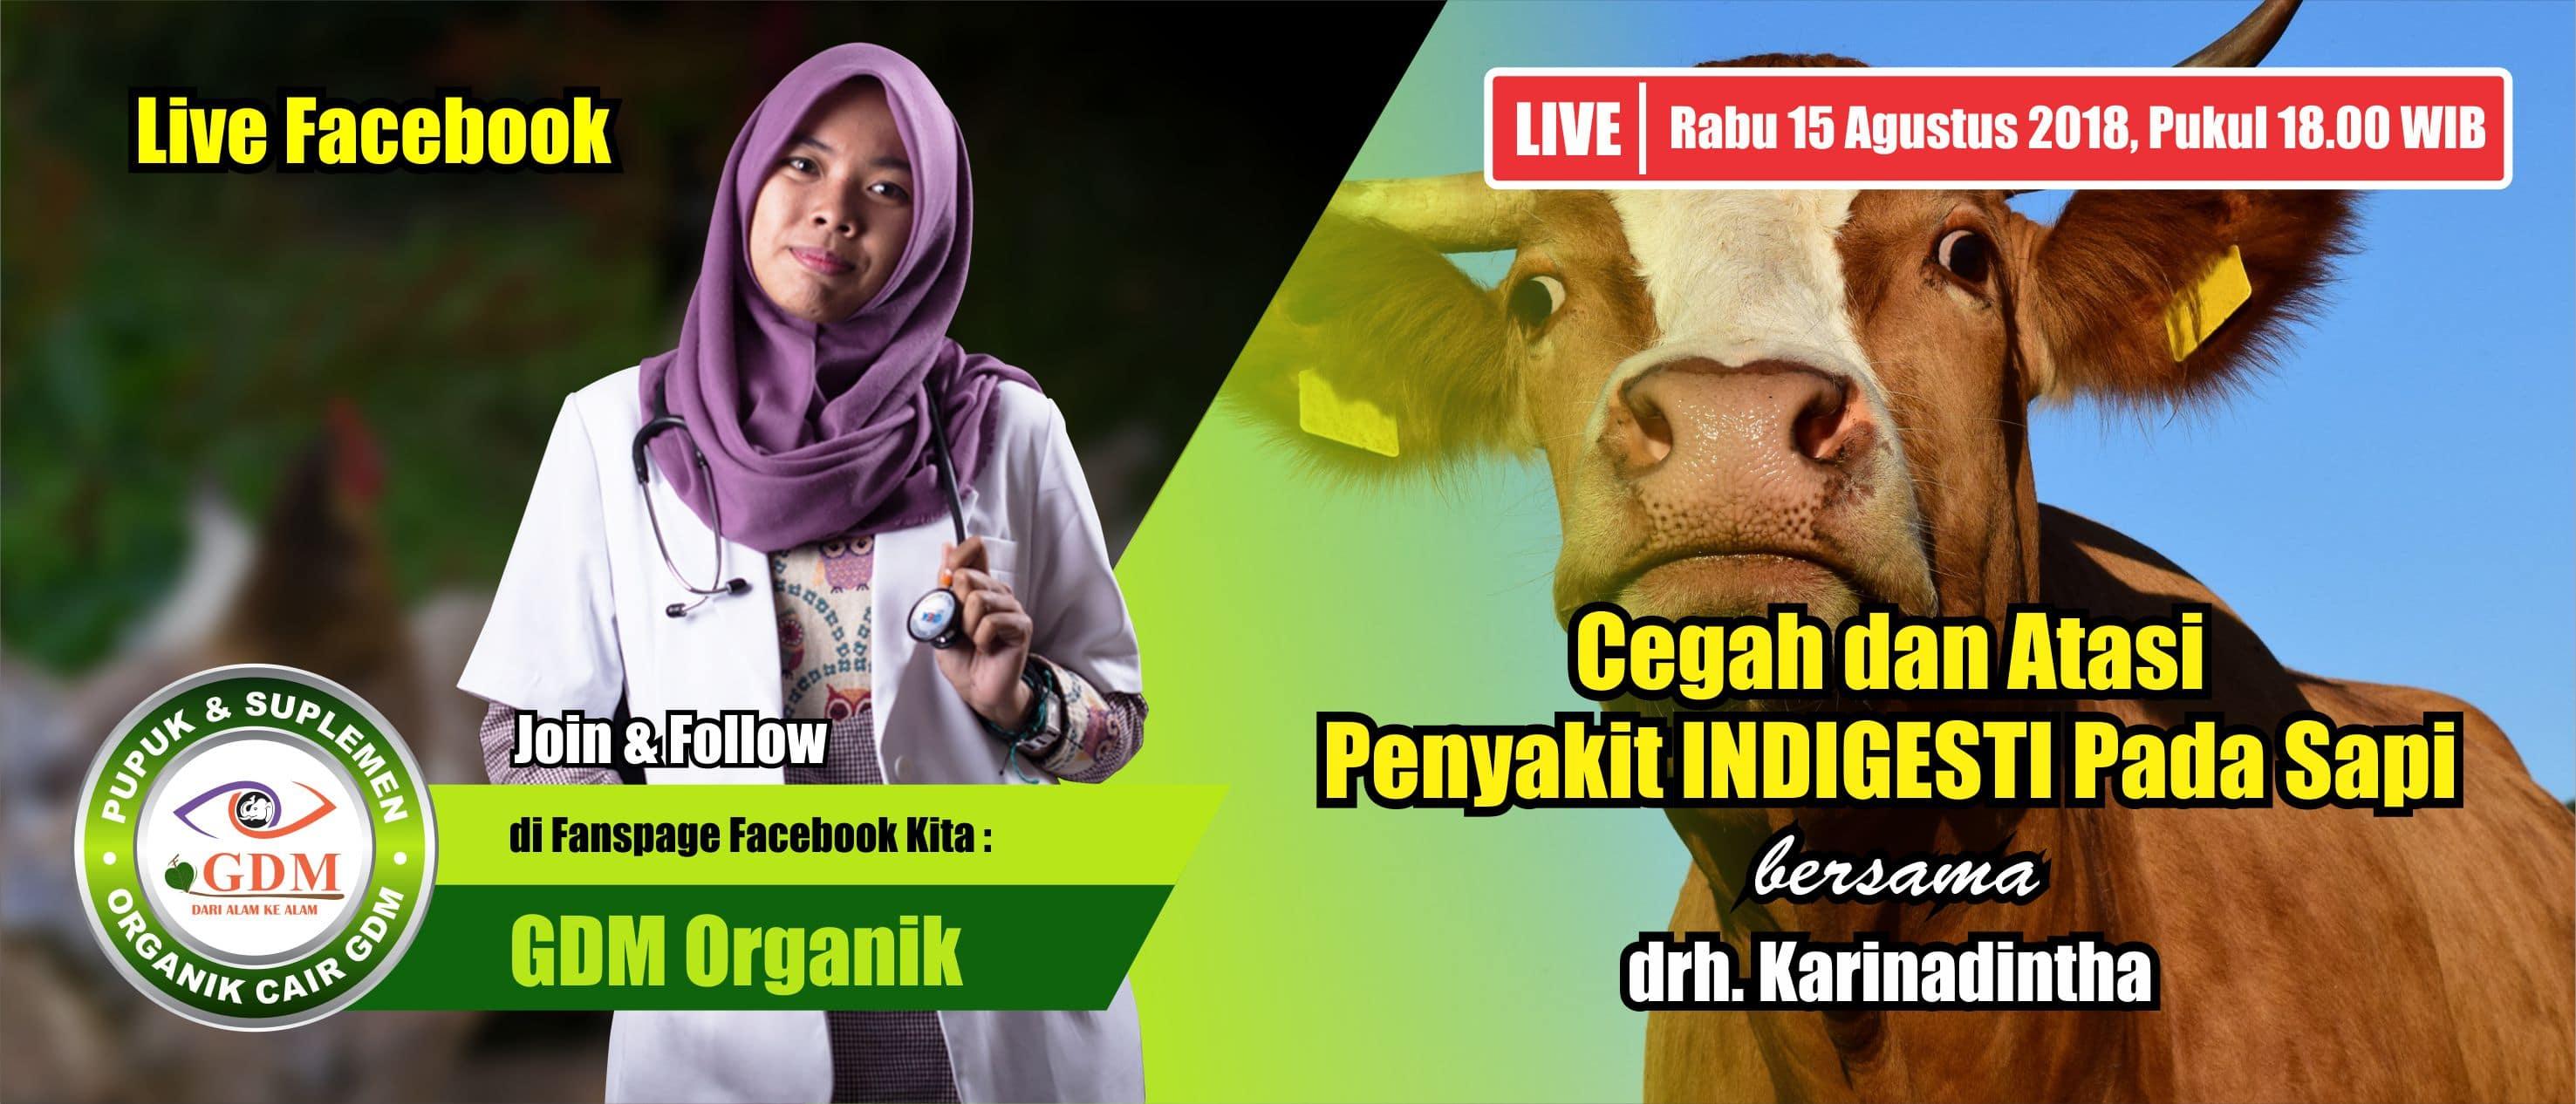 penyakit indigesti pada sapi